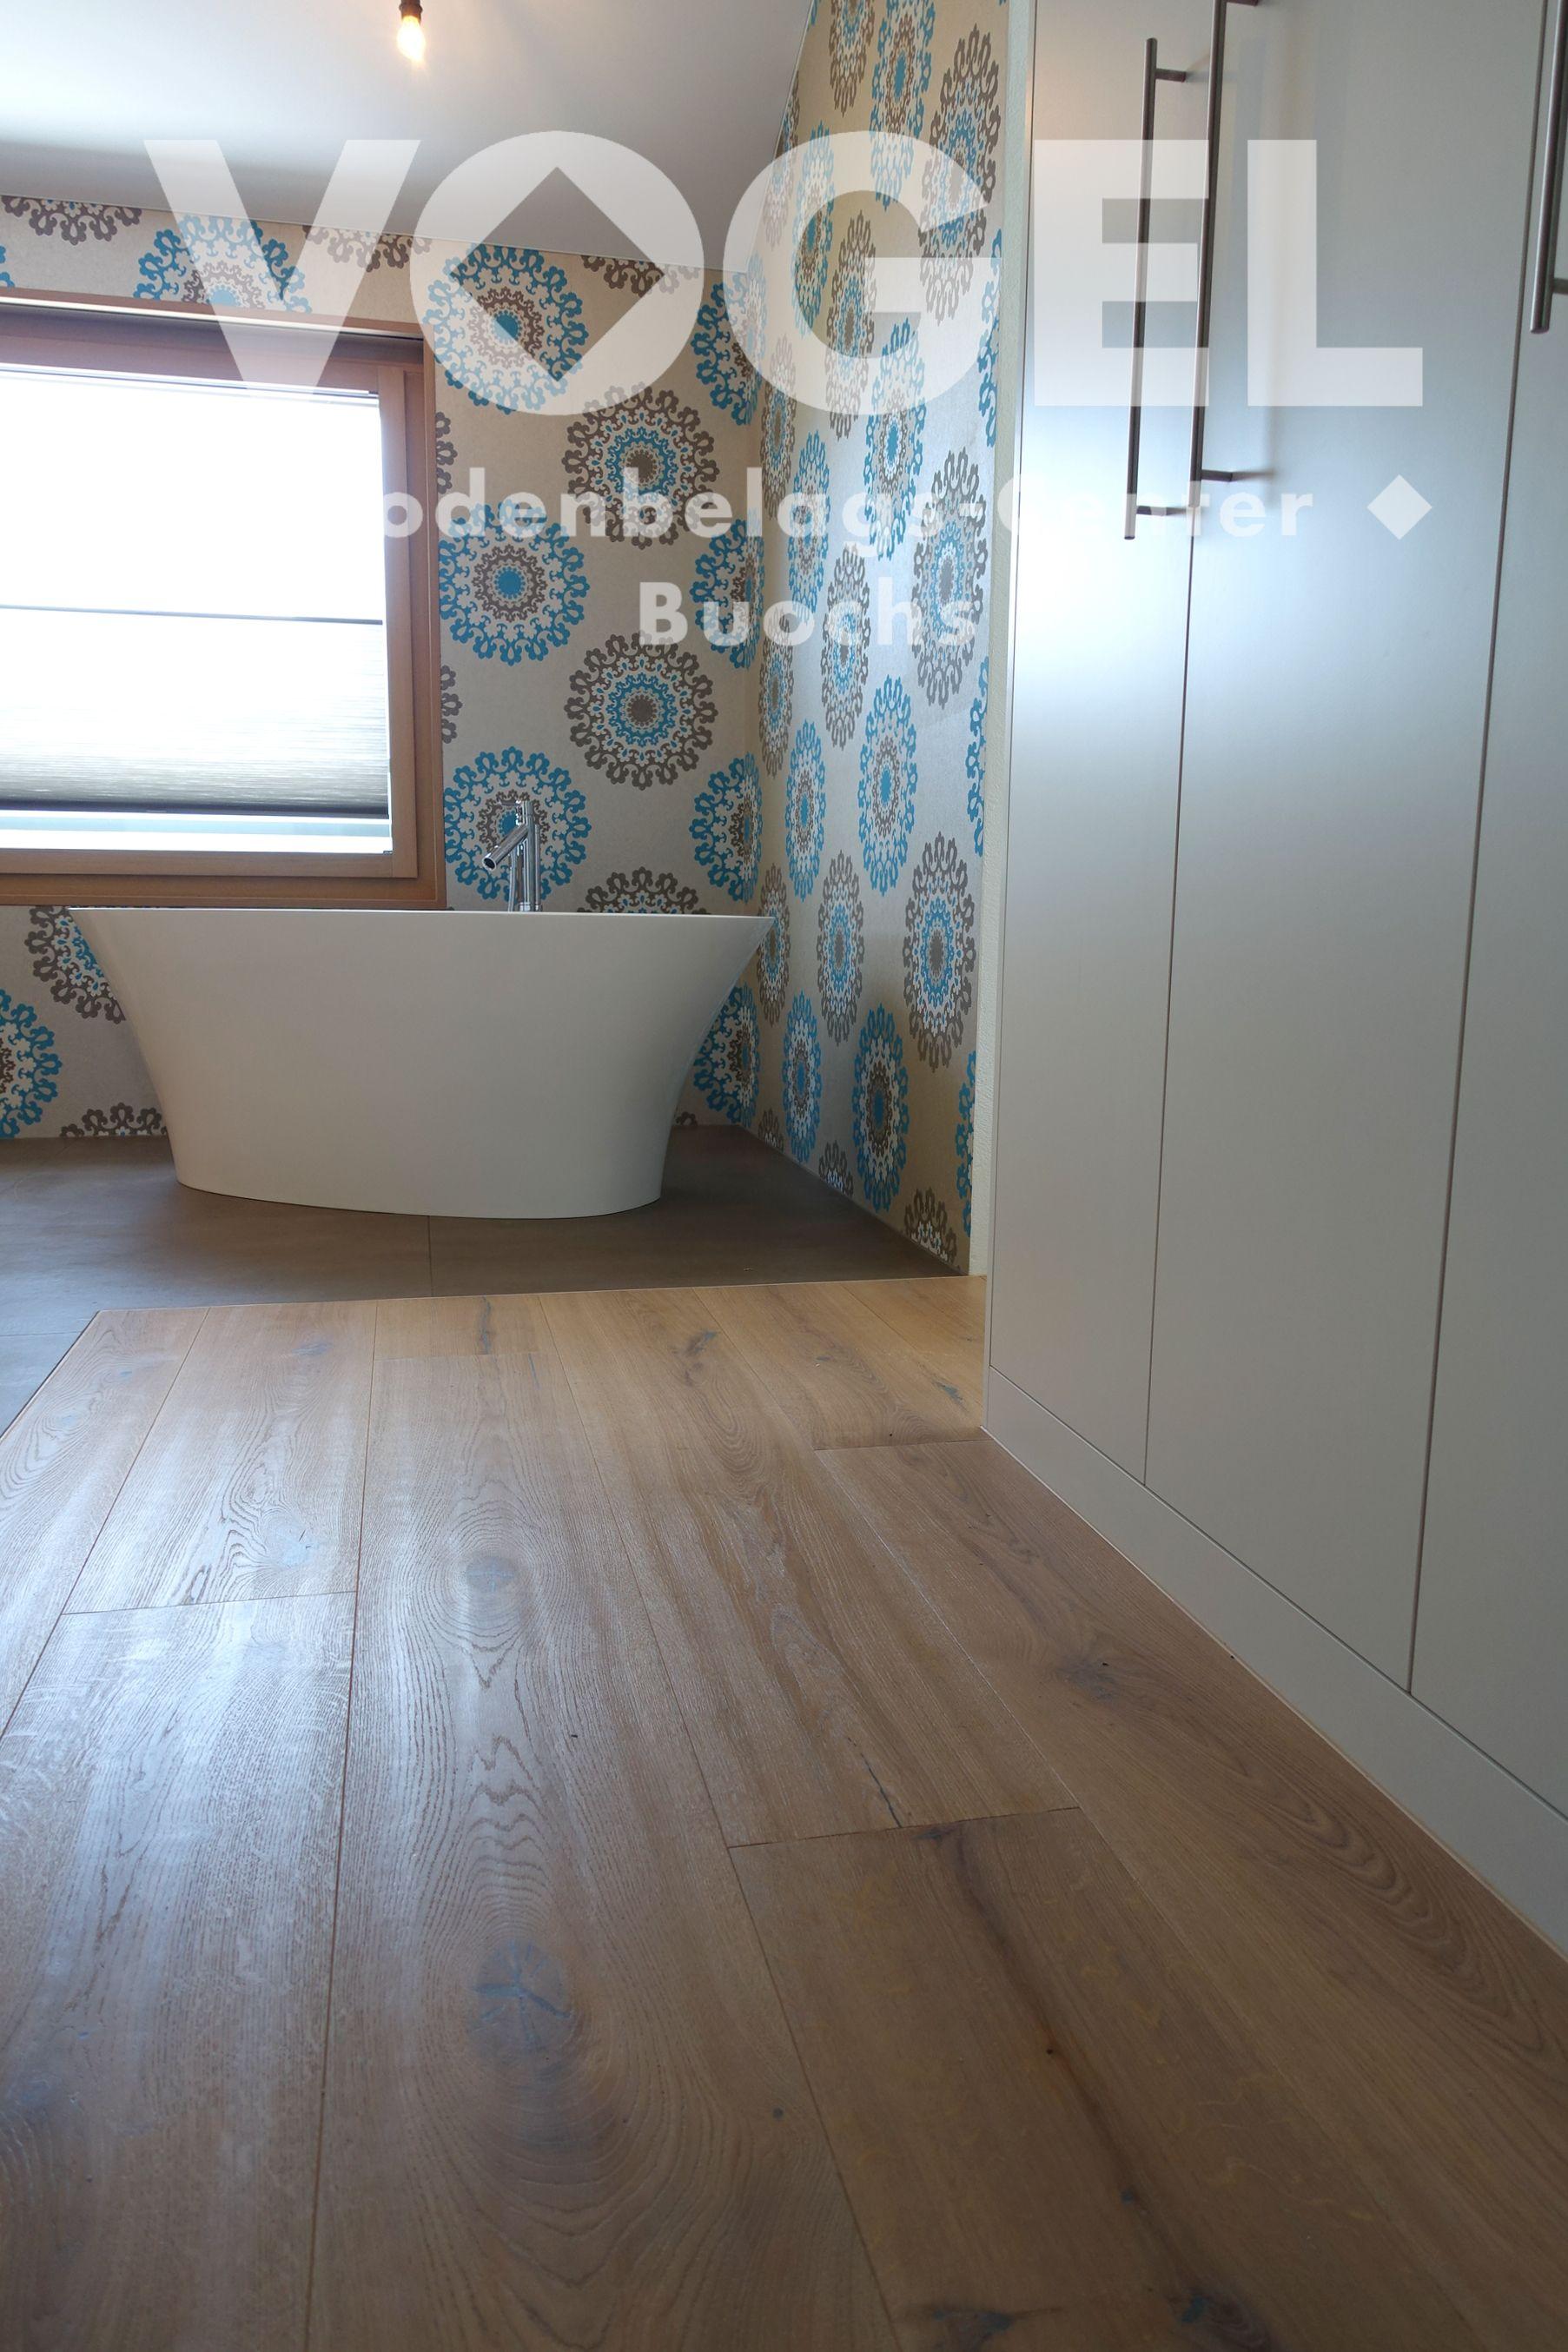 Eiche Weiss Geolt Strukturiert Parkett Boden Bad Badewanne Parkett Landhausdiele Parkett Parkettboden